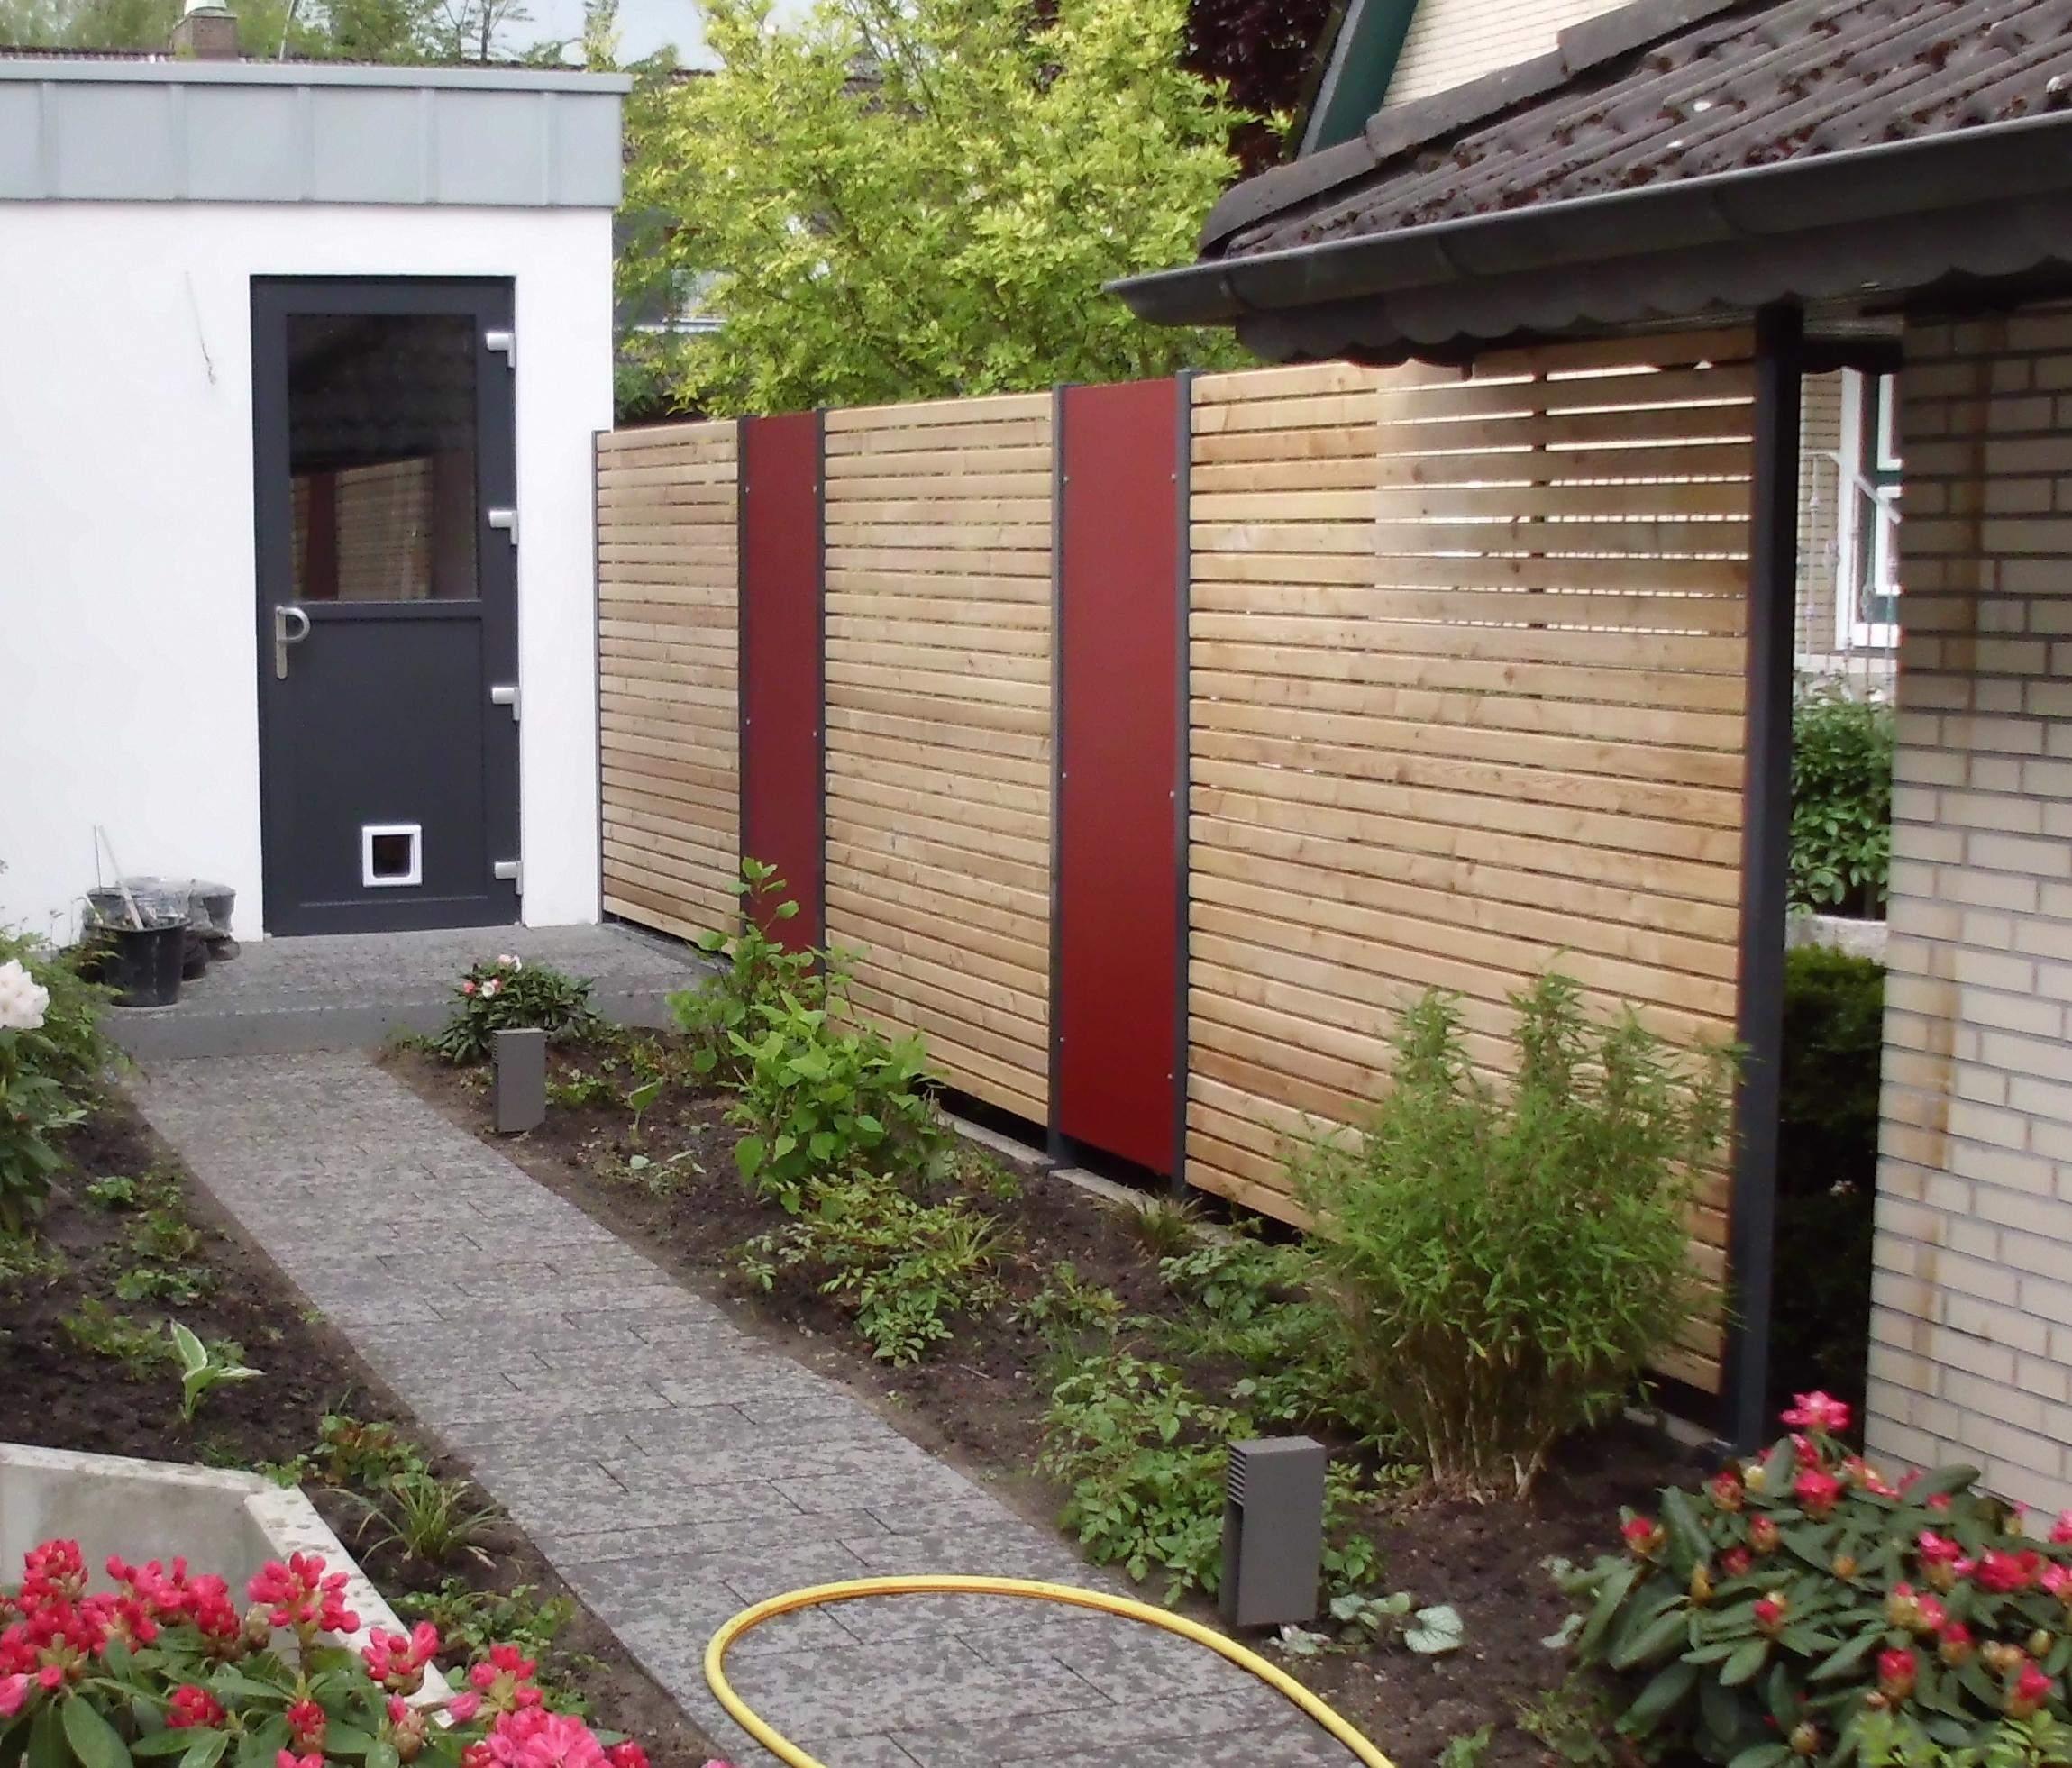 Garten Sichtschutz Genial Garten Mit Sichtschutz • Bilder & Ideen • Couch